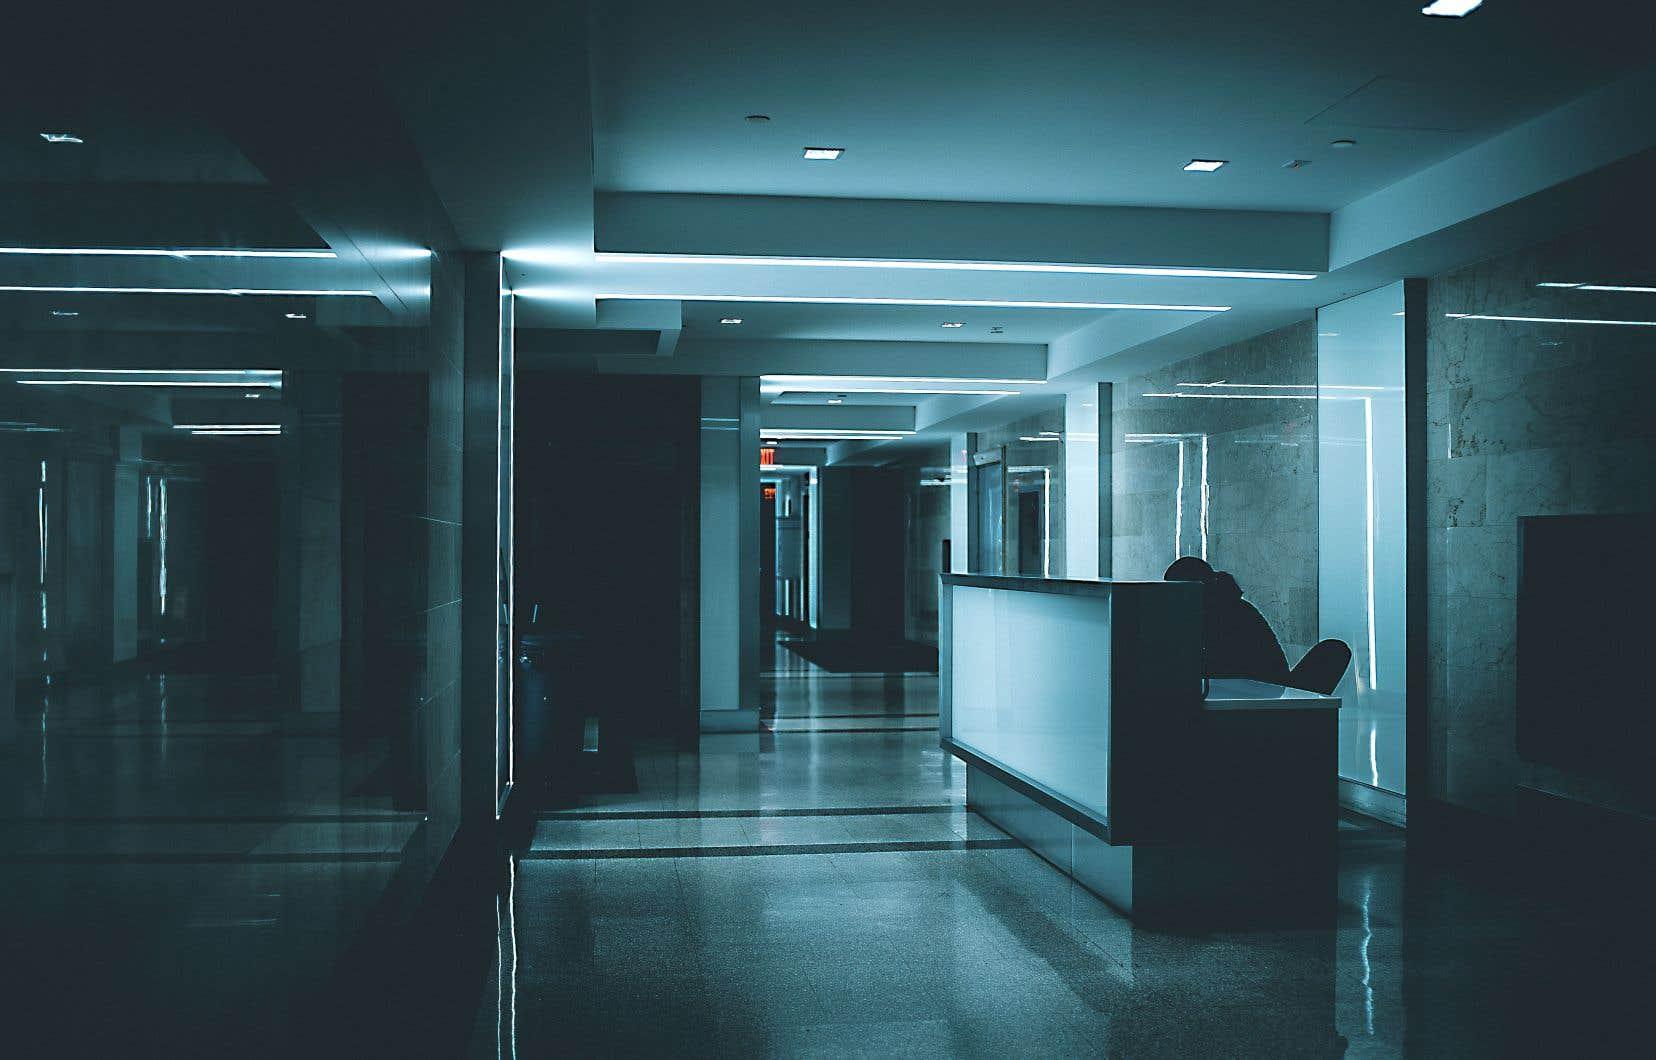 <p>«Non seulement les gens qui offrent leurs services dans une agence de placement ne savent pas nécessairement où ils vont atterrir, mais en plus, pour un travail égal, ilsobtiennent un salaire moindre», affirme Kathia Narcisse, coprésidente du Comité des jeunes de la FTQ.</p>  <p></p>